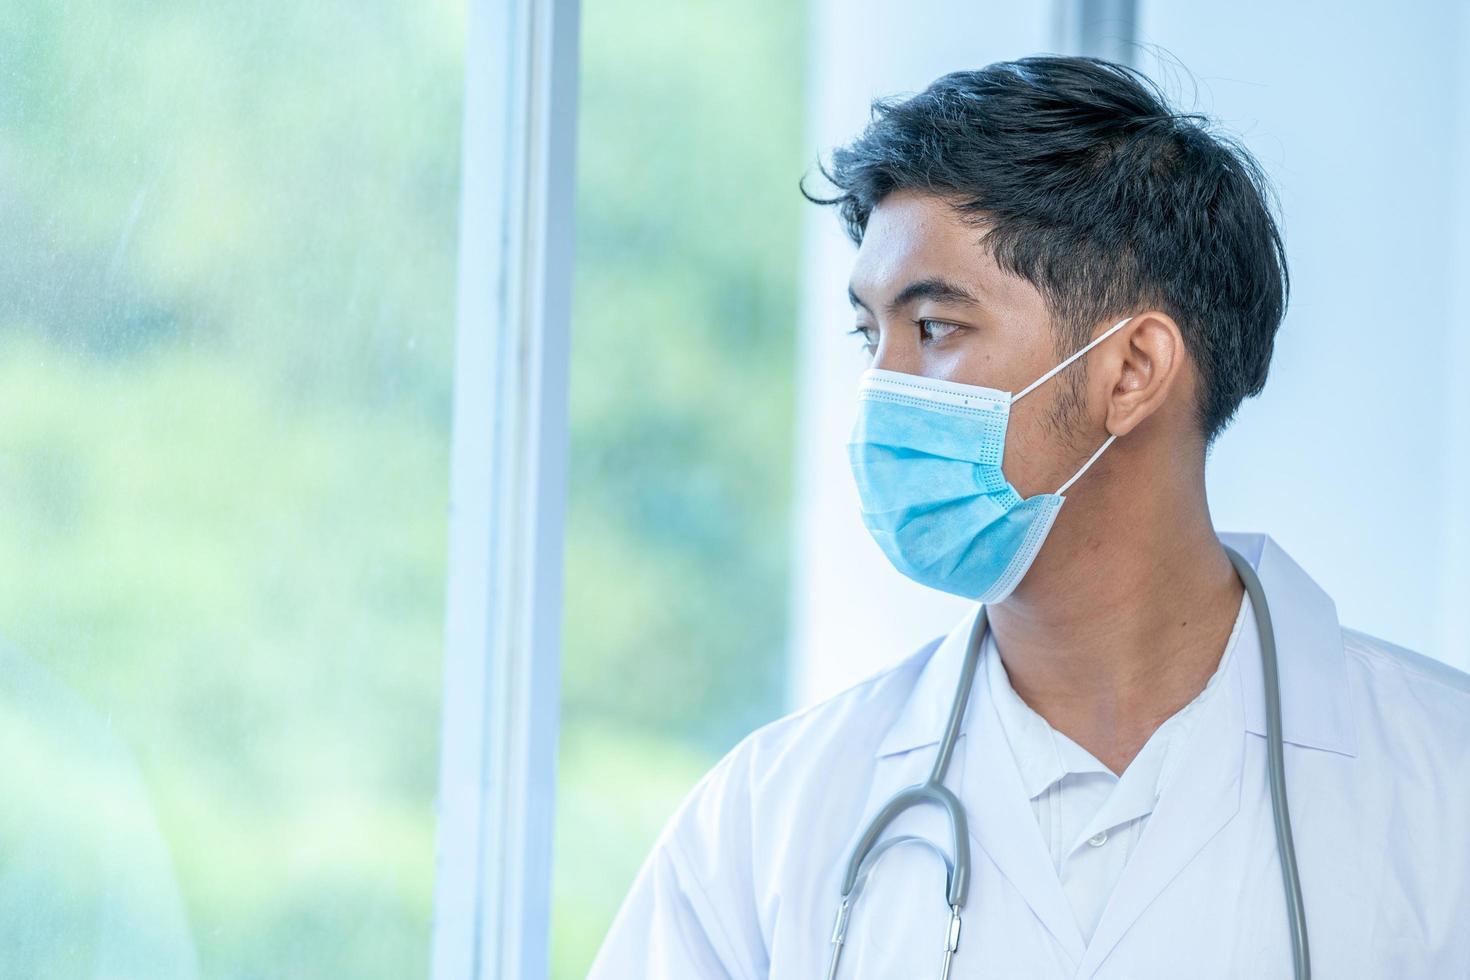 Hombre con mascarilla y estetoscopio mirando por la ventana foto